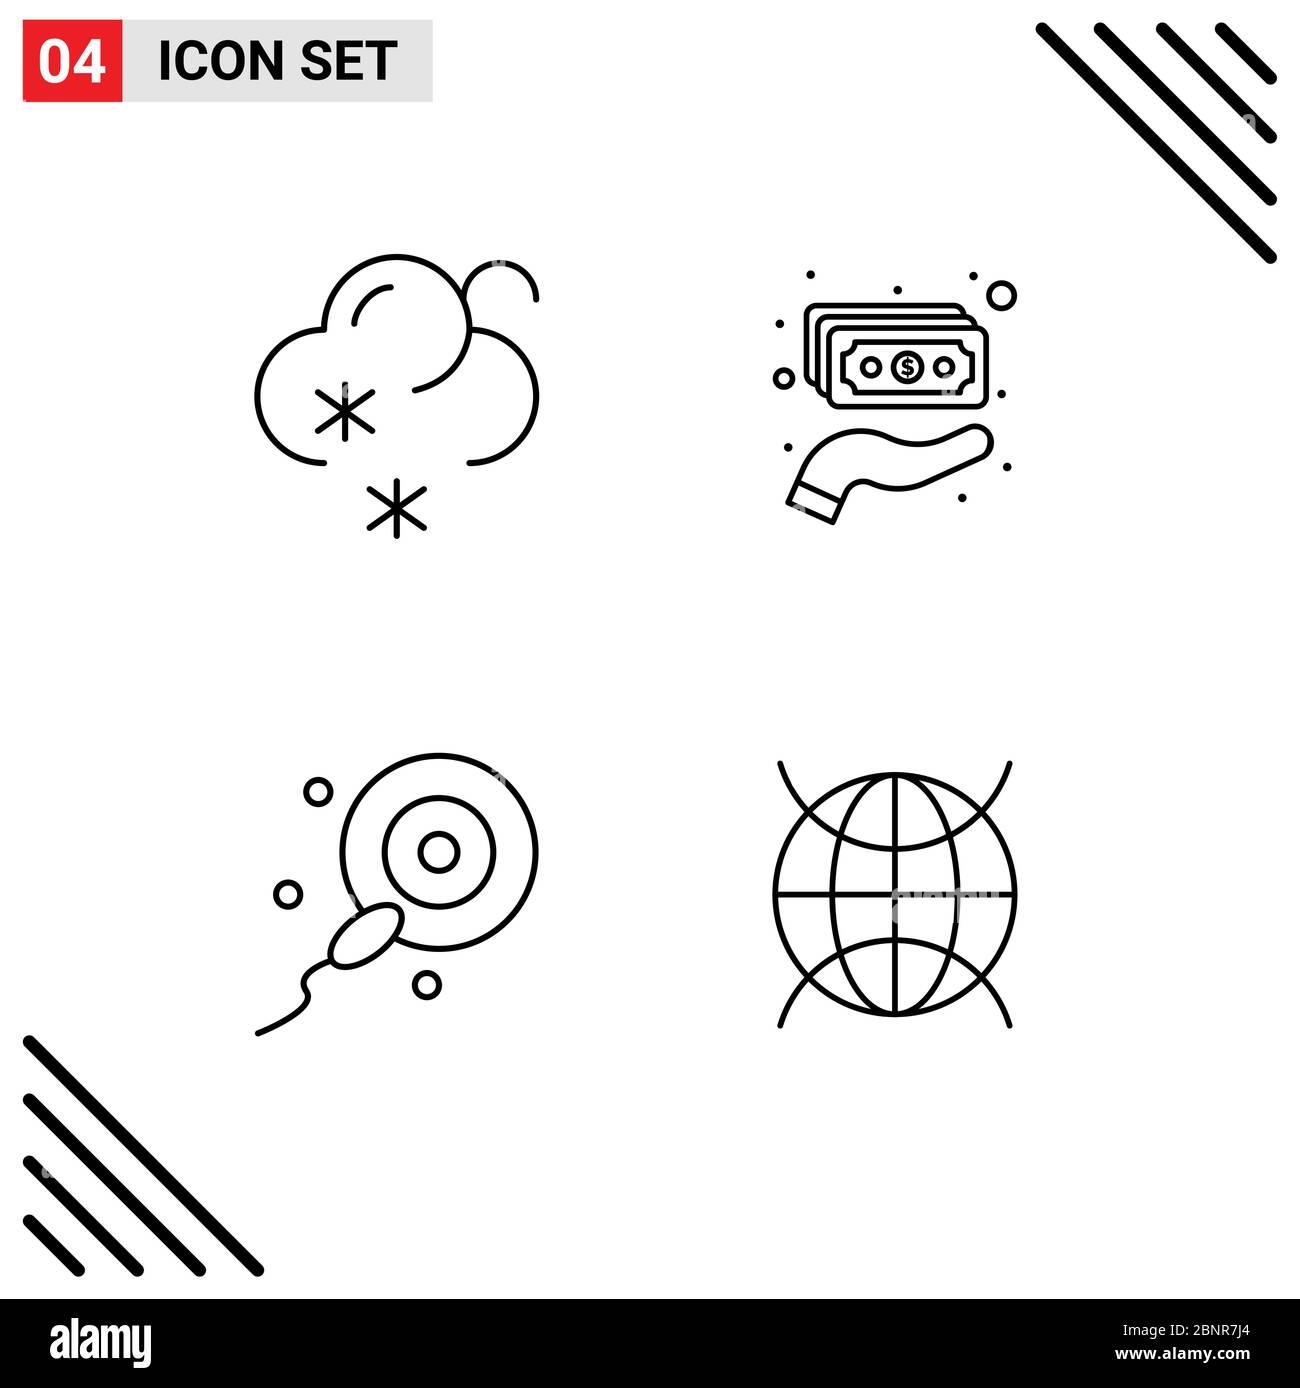 4 concepto de línea para sitios web móviles y aplicaciones de previsión, bio, efectivo, dinero, Internet de las cosas elementos de diseño vectorial editables Ilustración del Vector